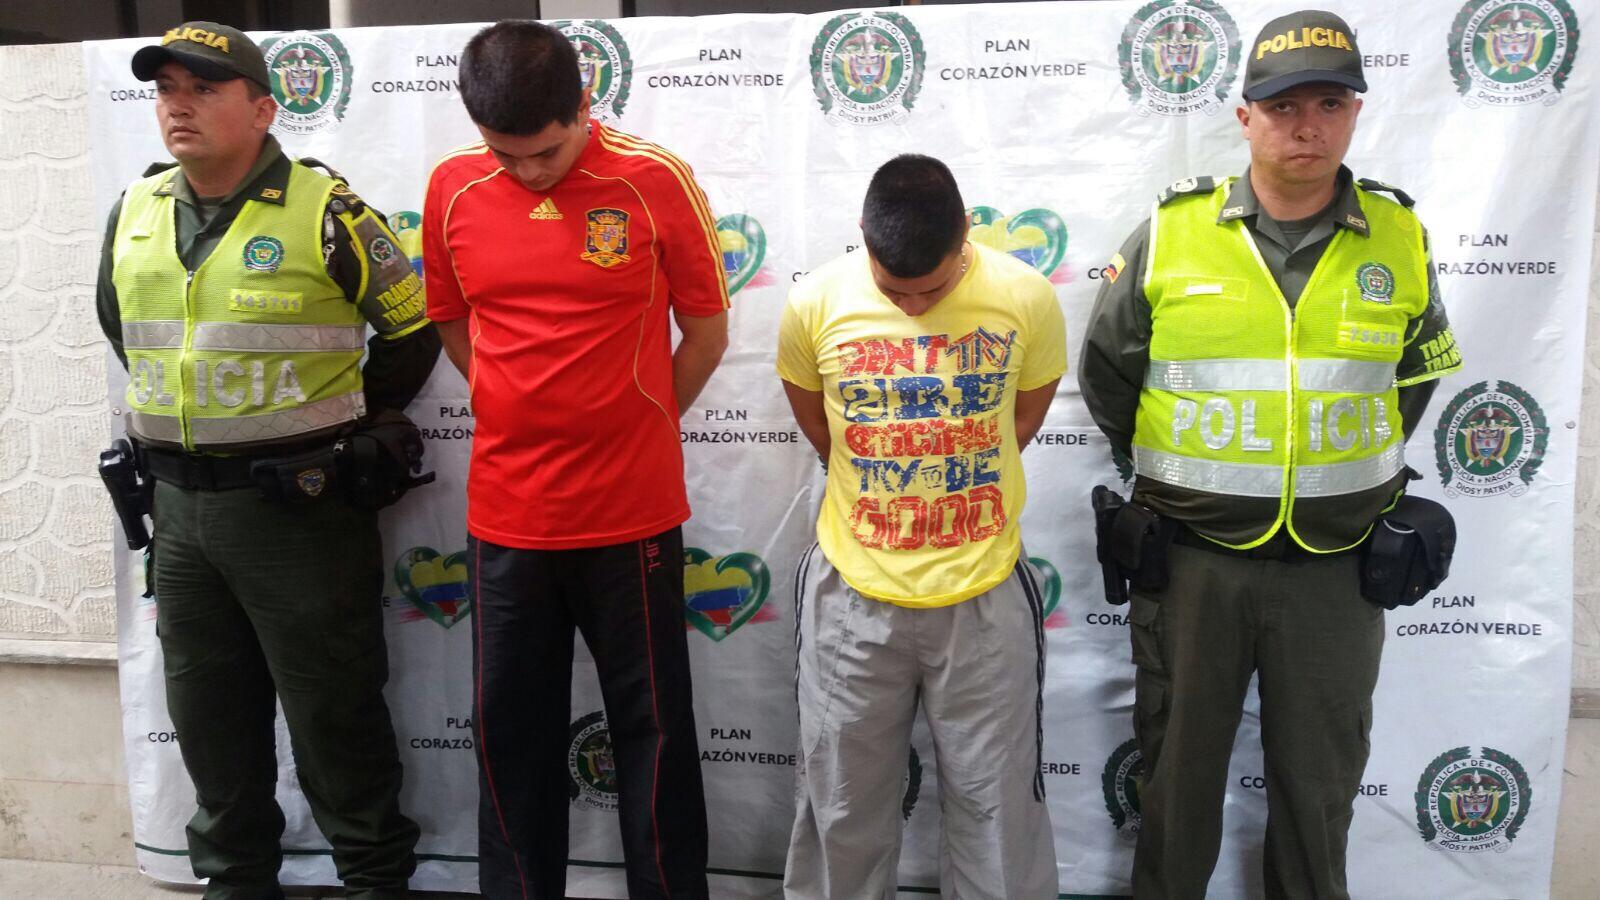 Capturados dos patrulleros de la Policía por millonario hurto